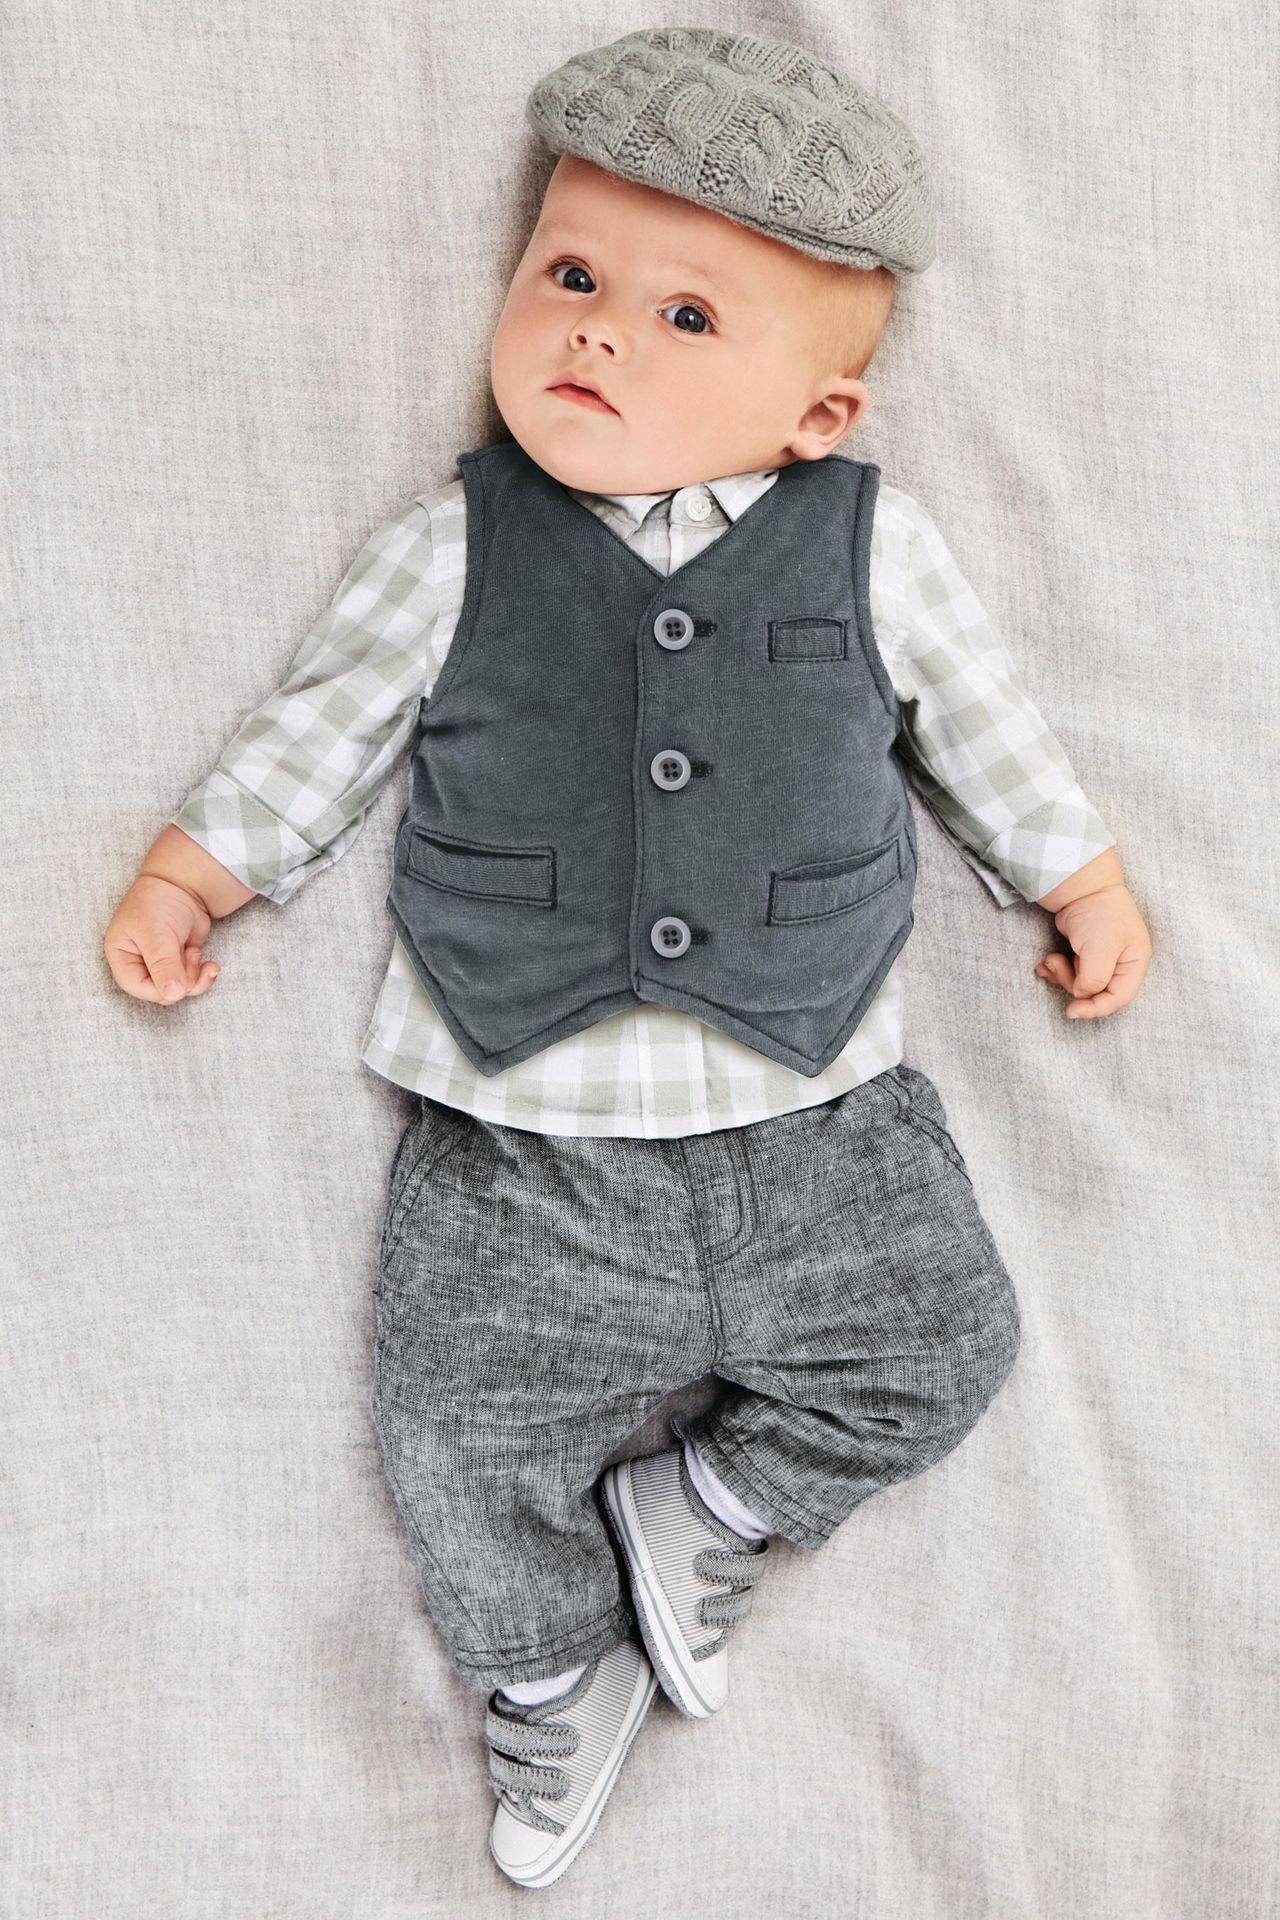 Infant Boy Dress Shirts | RLDM